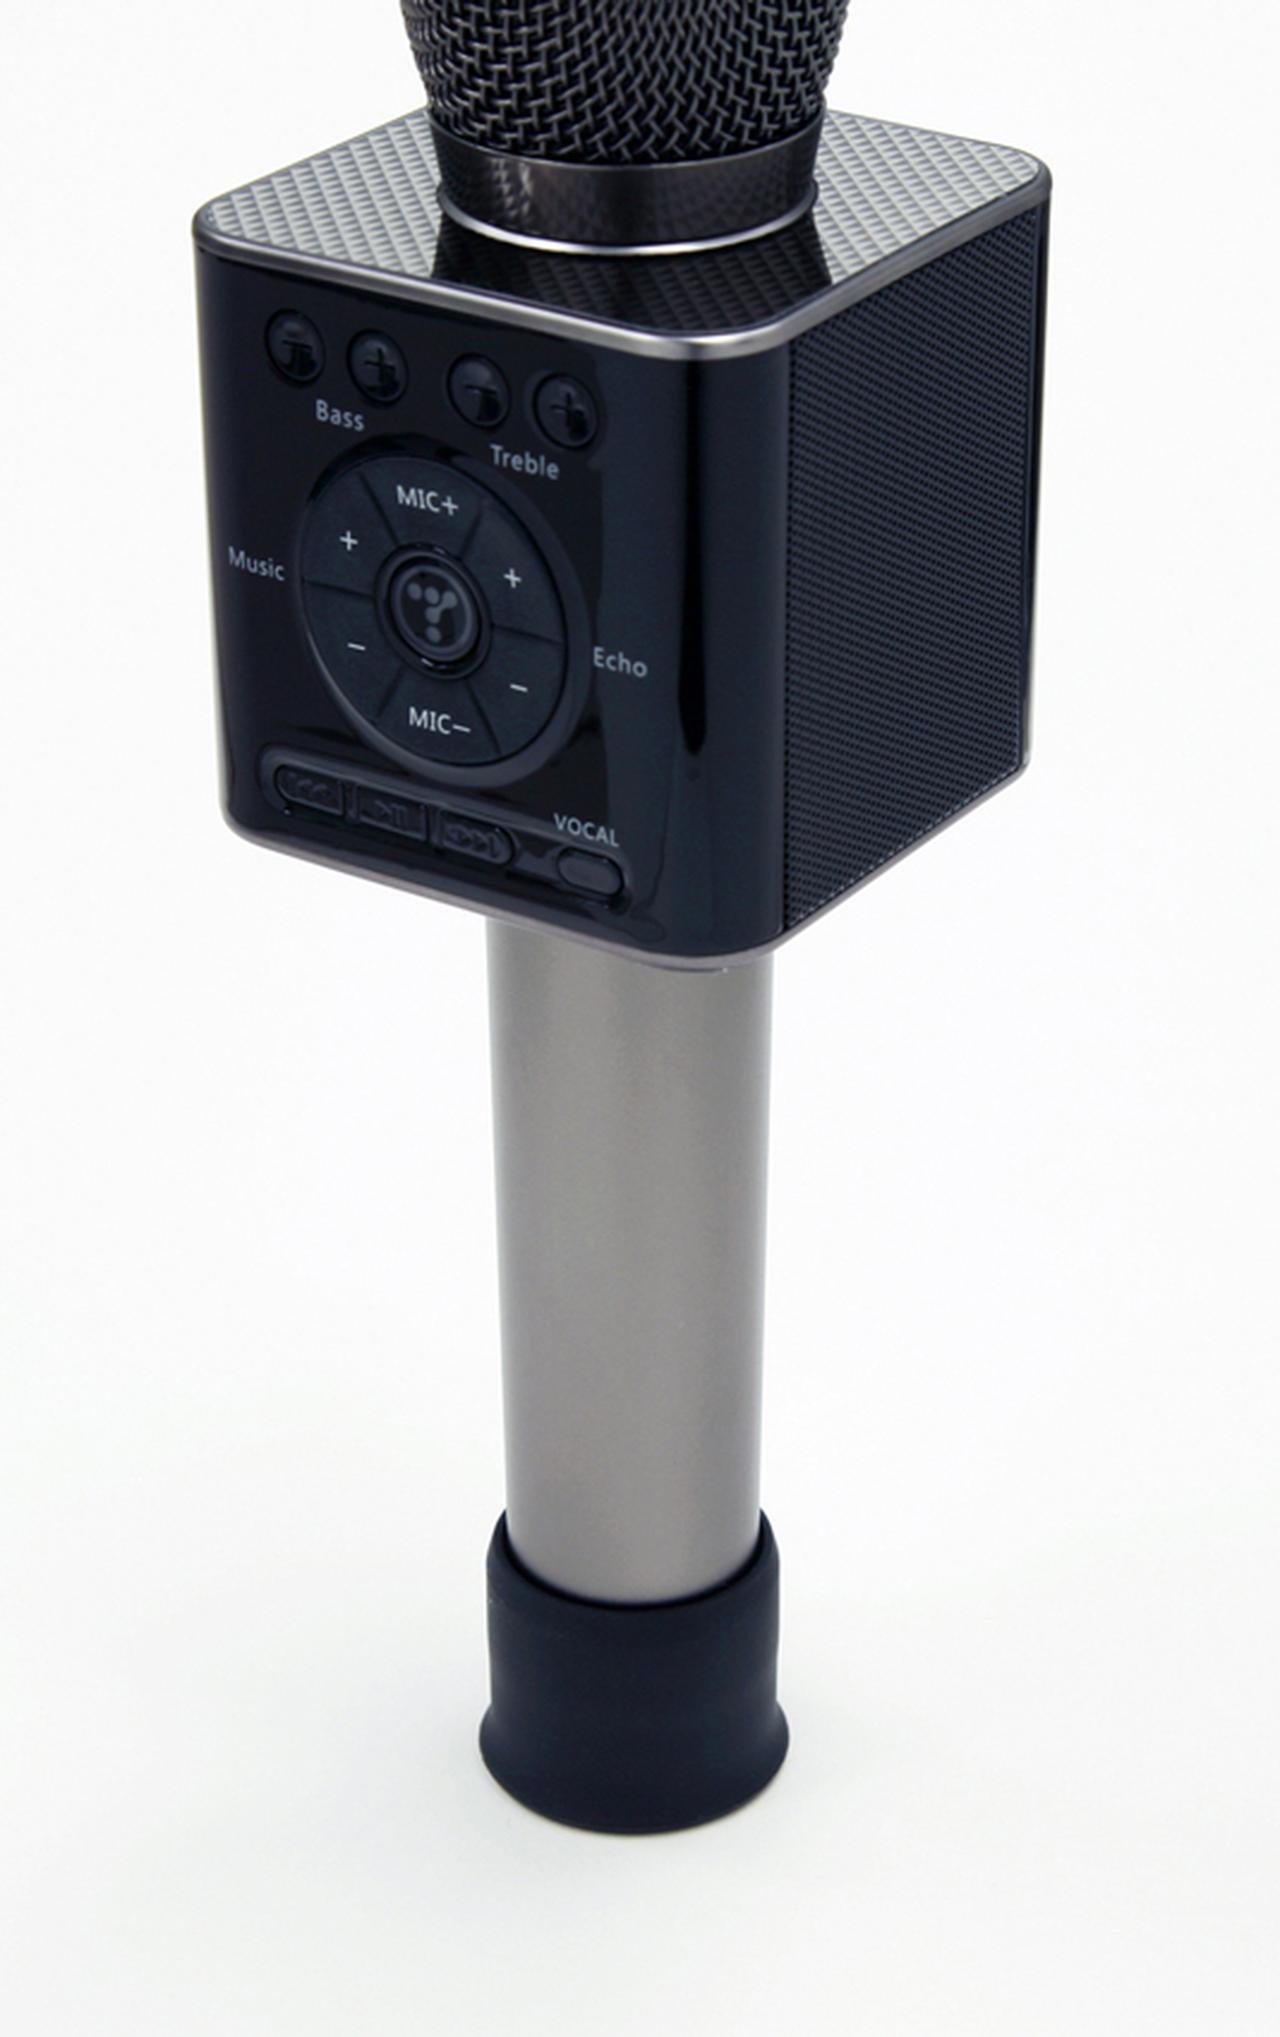 画像: 付属のマイクフット(ラバー製)をマイクの下部に装着すれば、ちゃんと自立する。